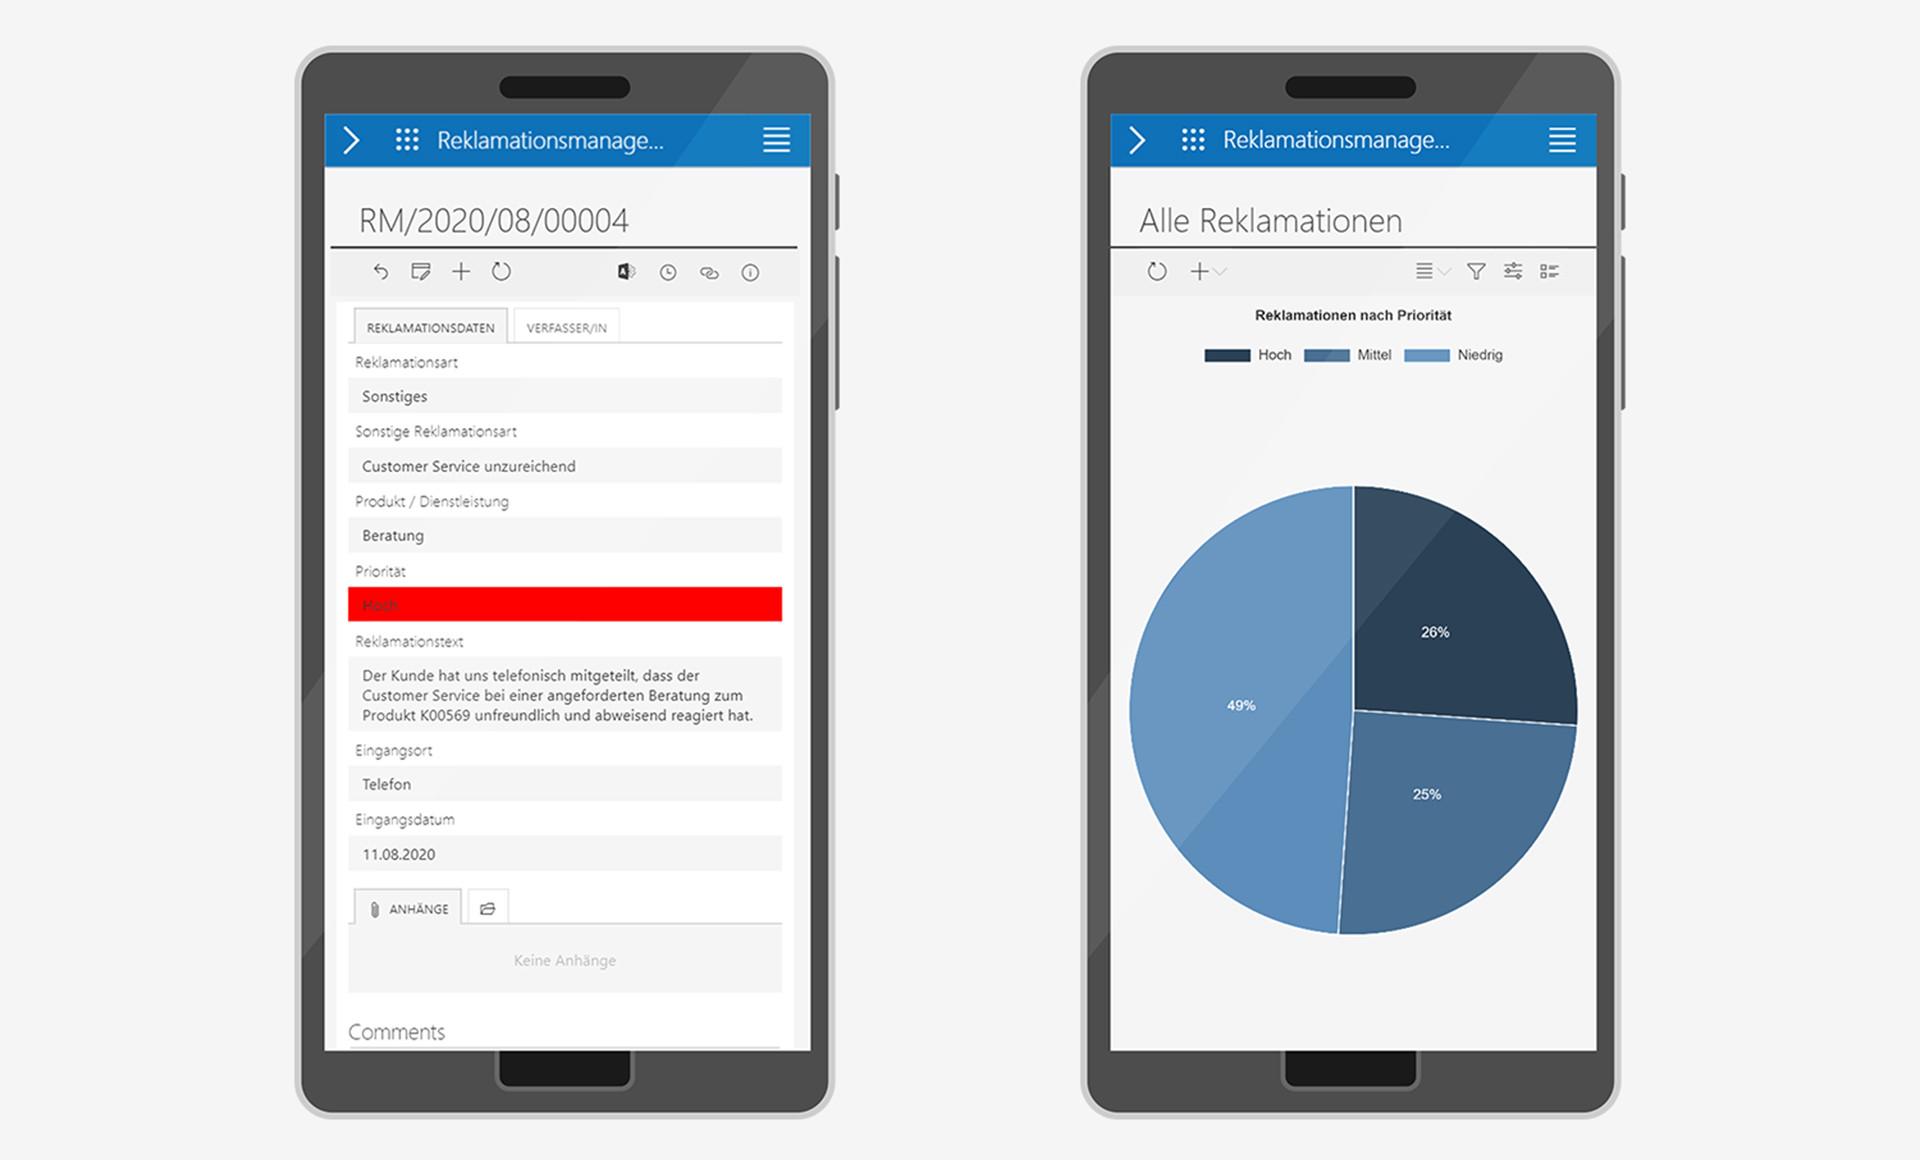 Mobile Reklamationsbearbeitung und -analyse